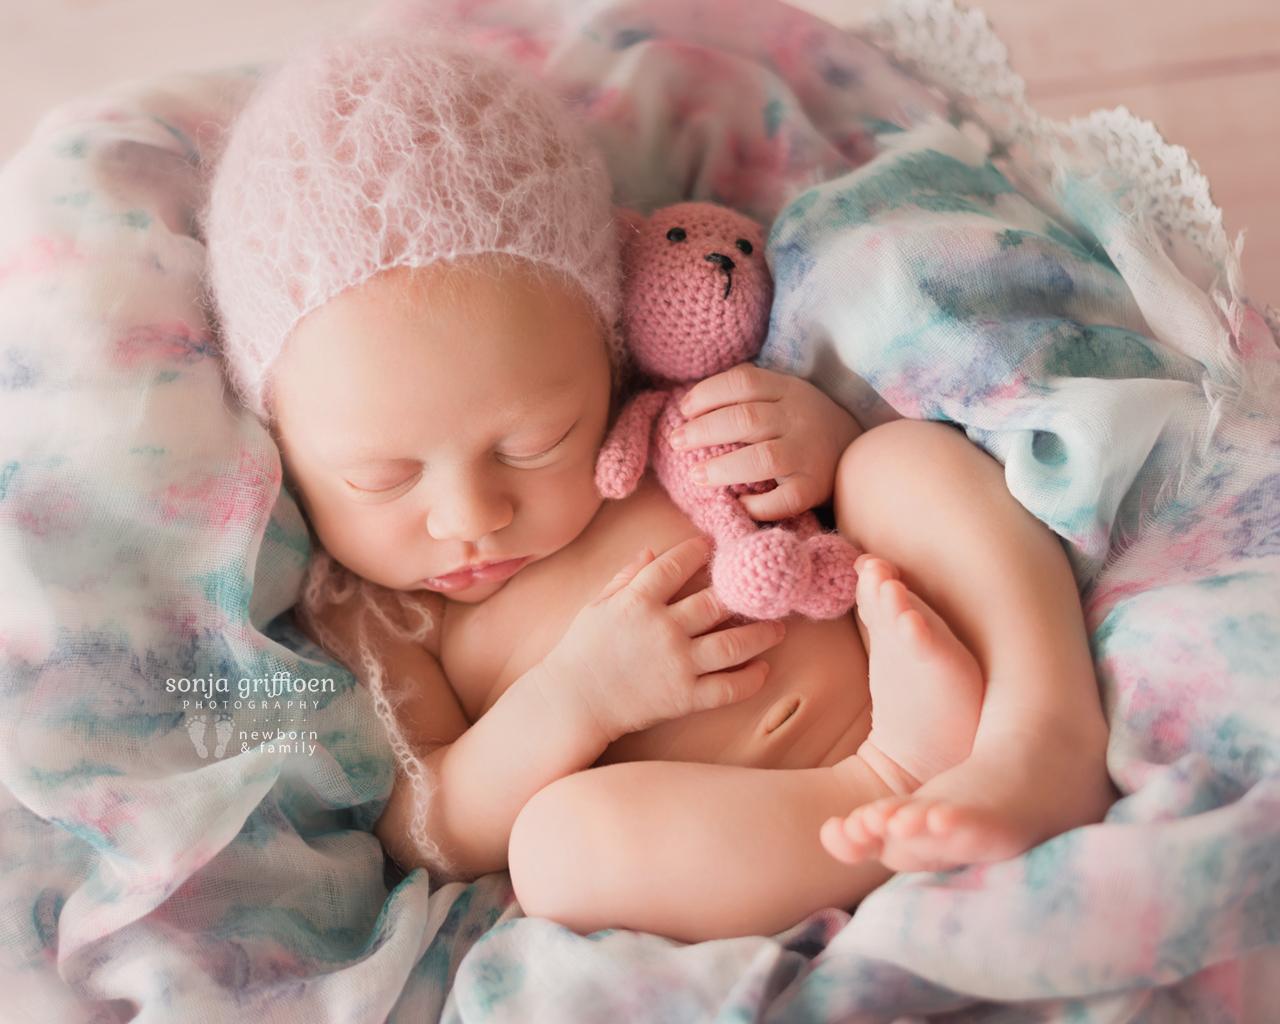 Elsie-Newborn-Brisbane-Newborn-Photographer-Sonja-Griffioen-05.jpg